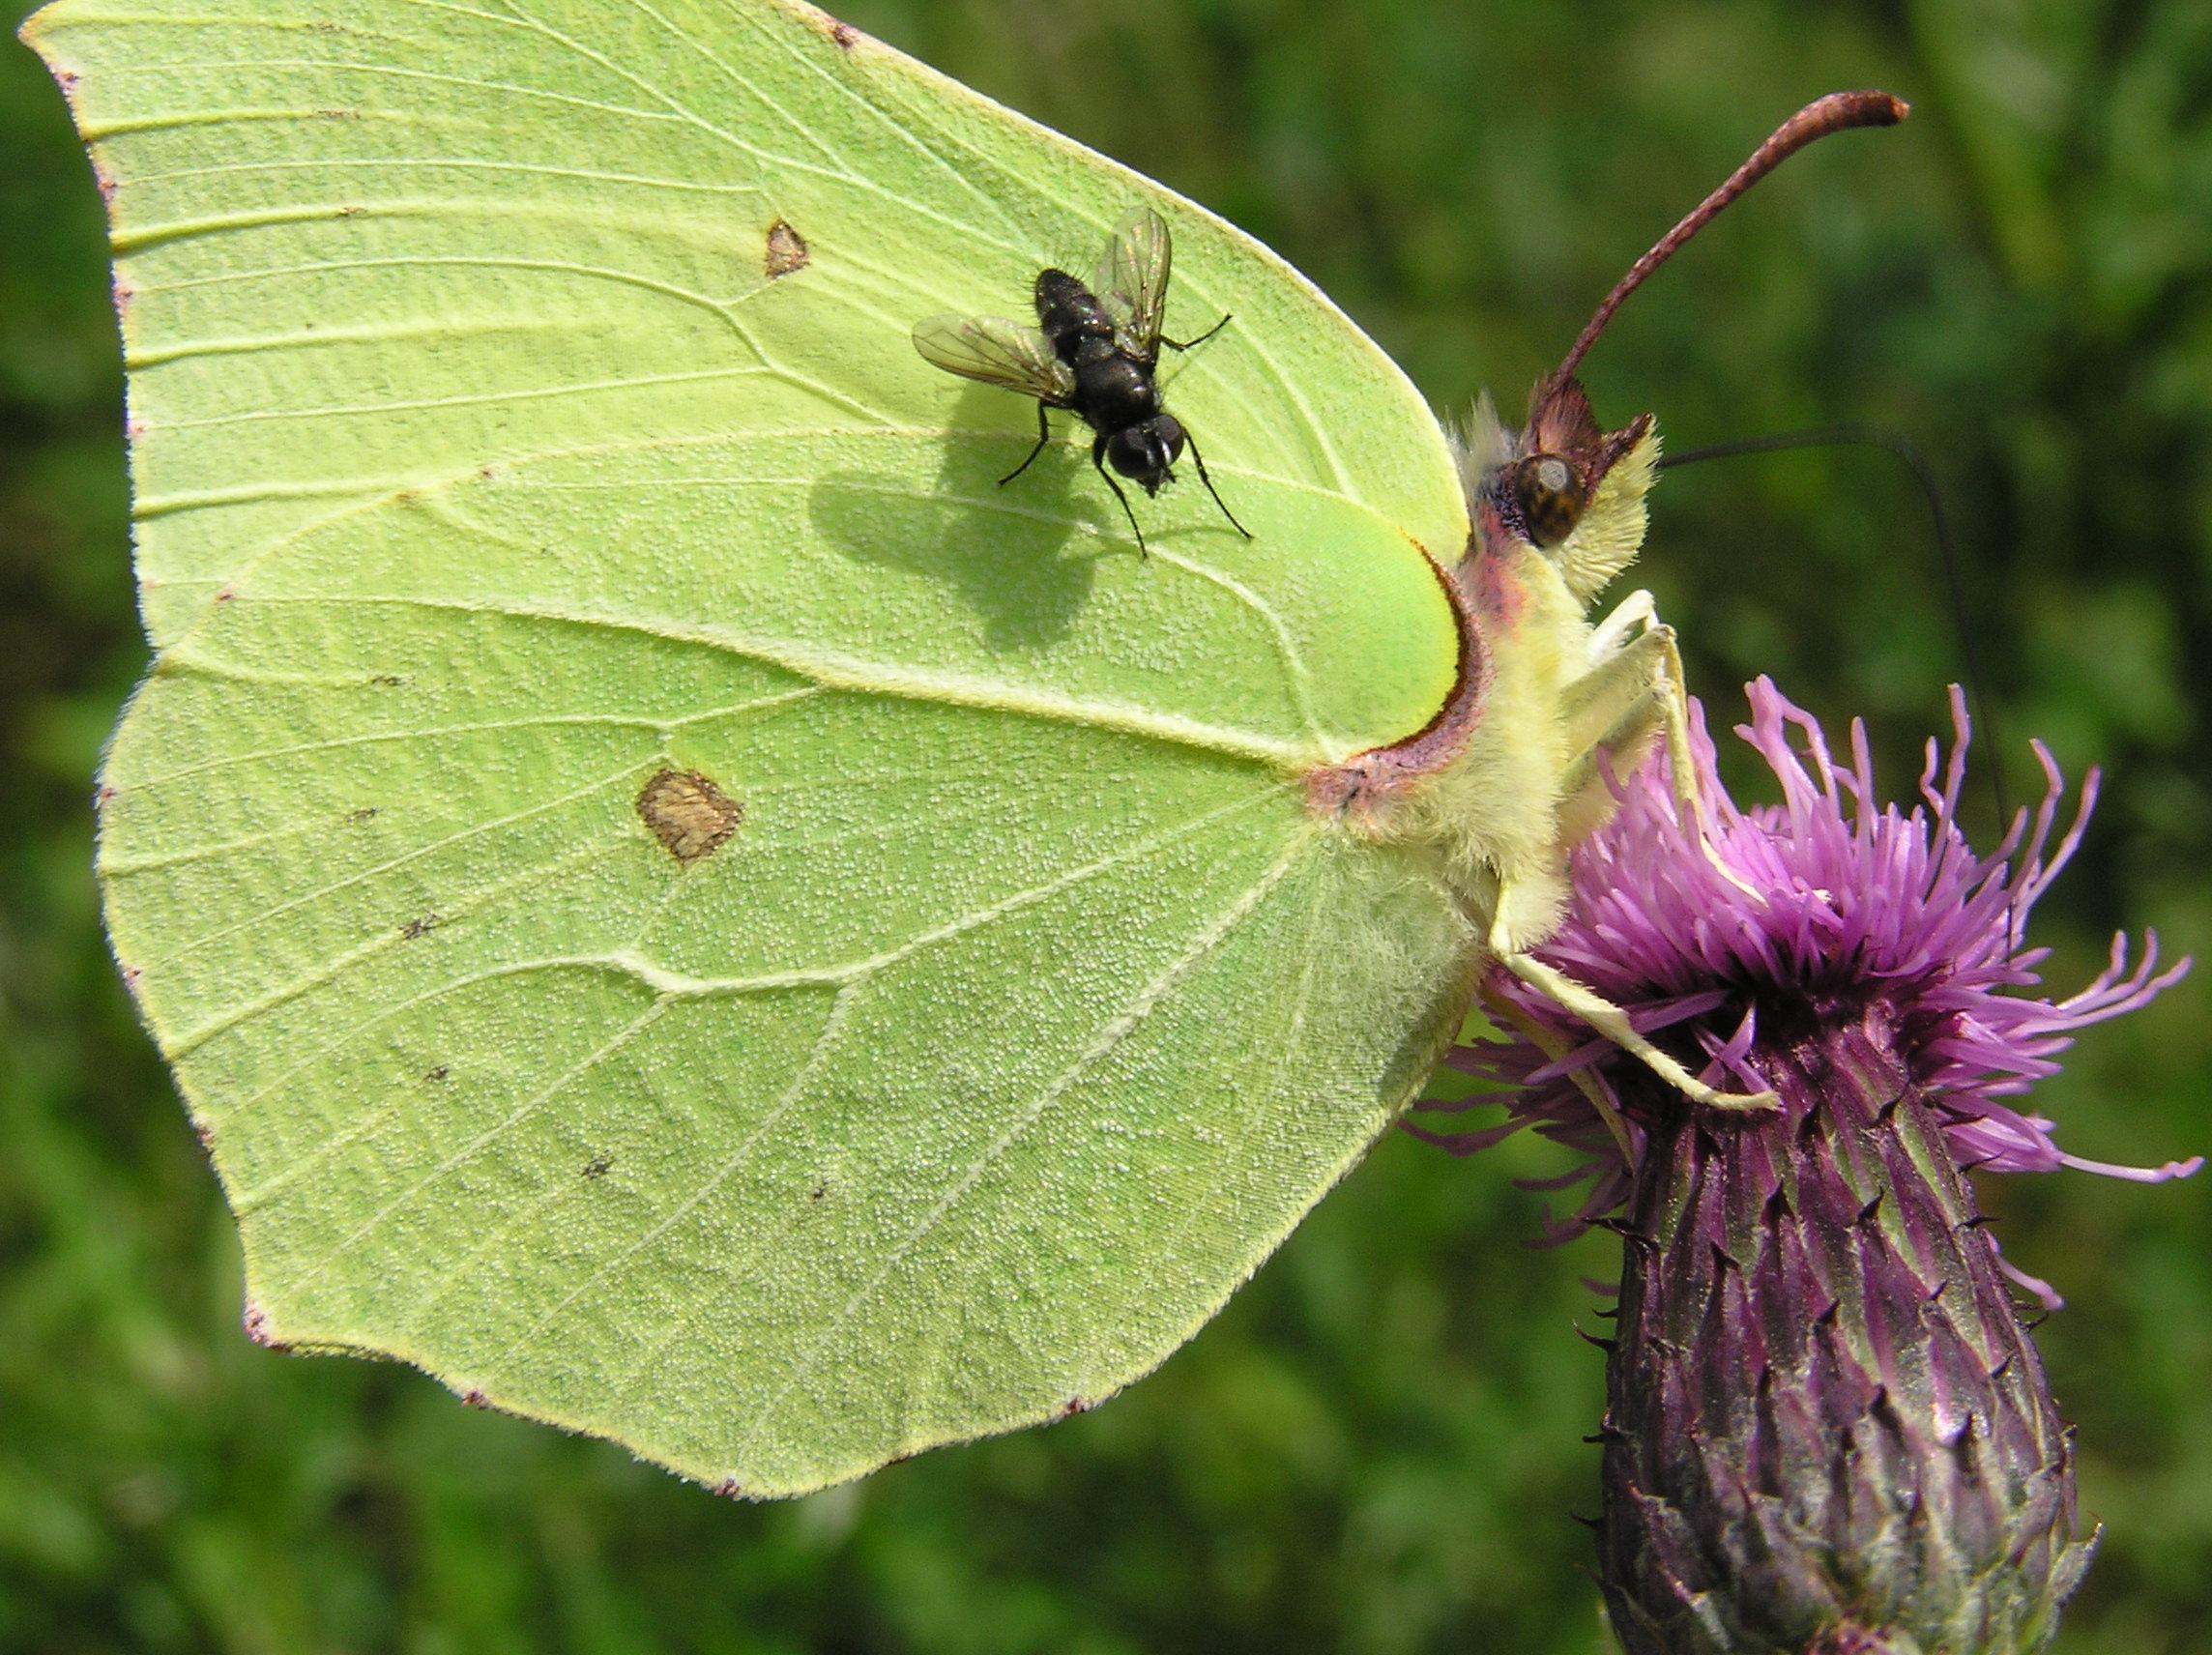 Brimstone butterfly. (Gonepteryx rhamni)